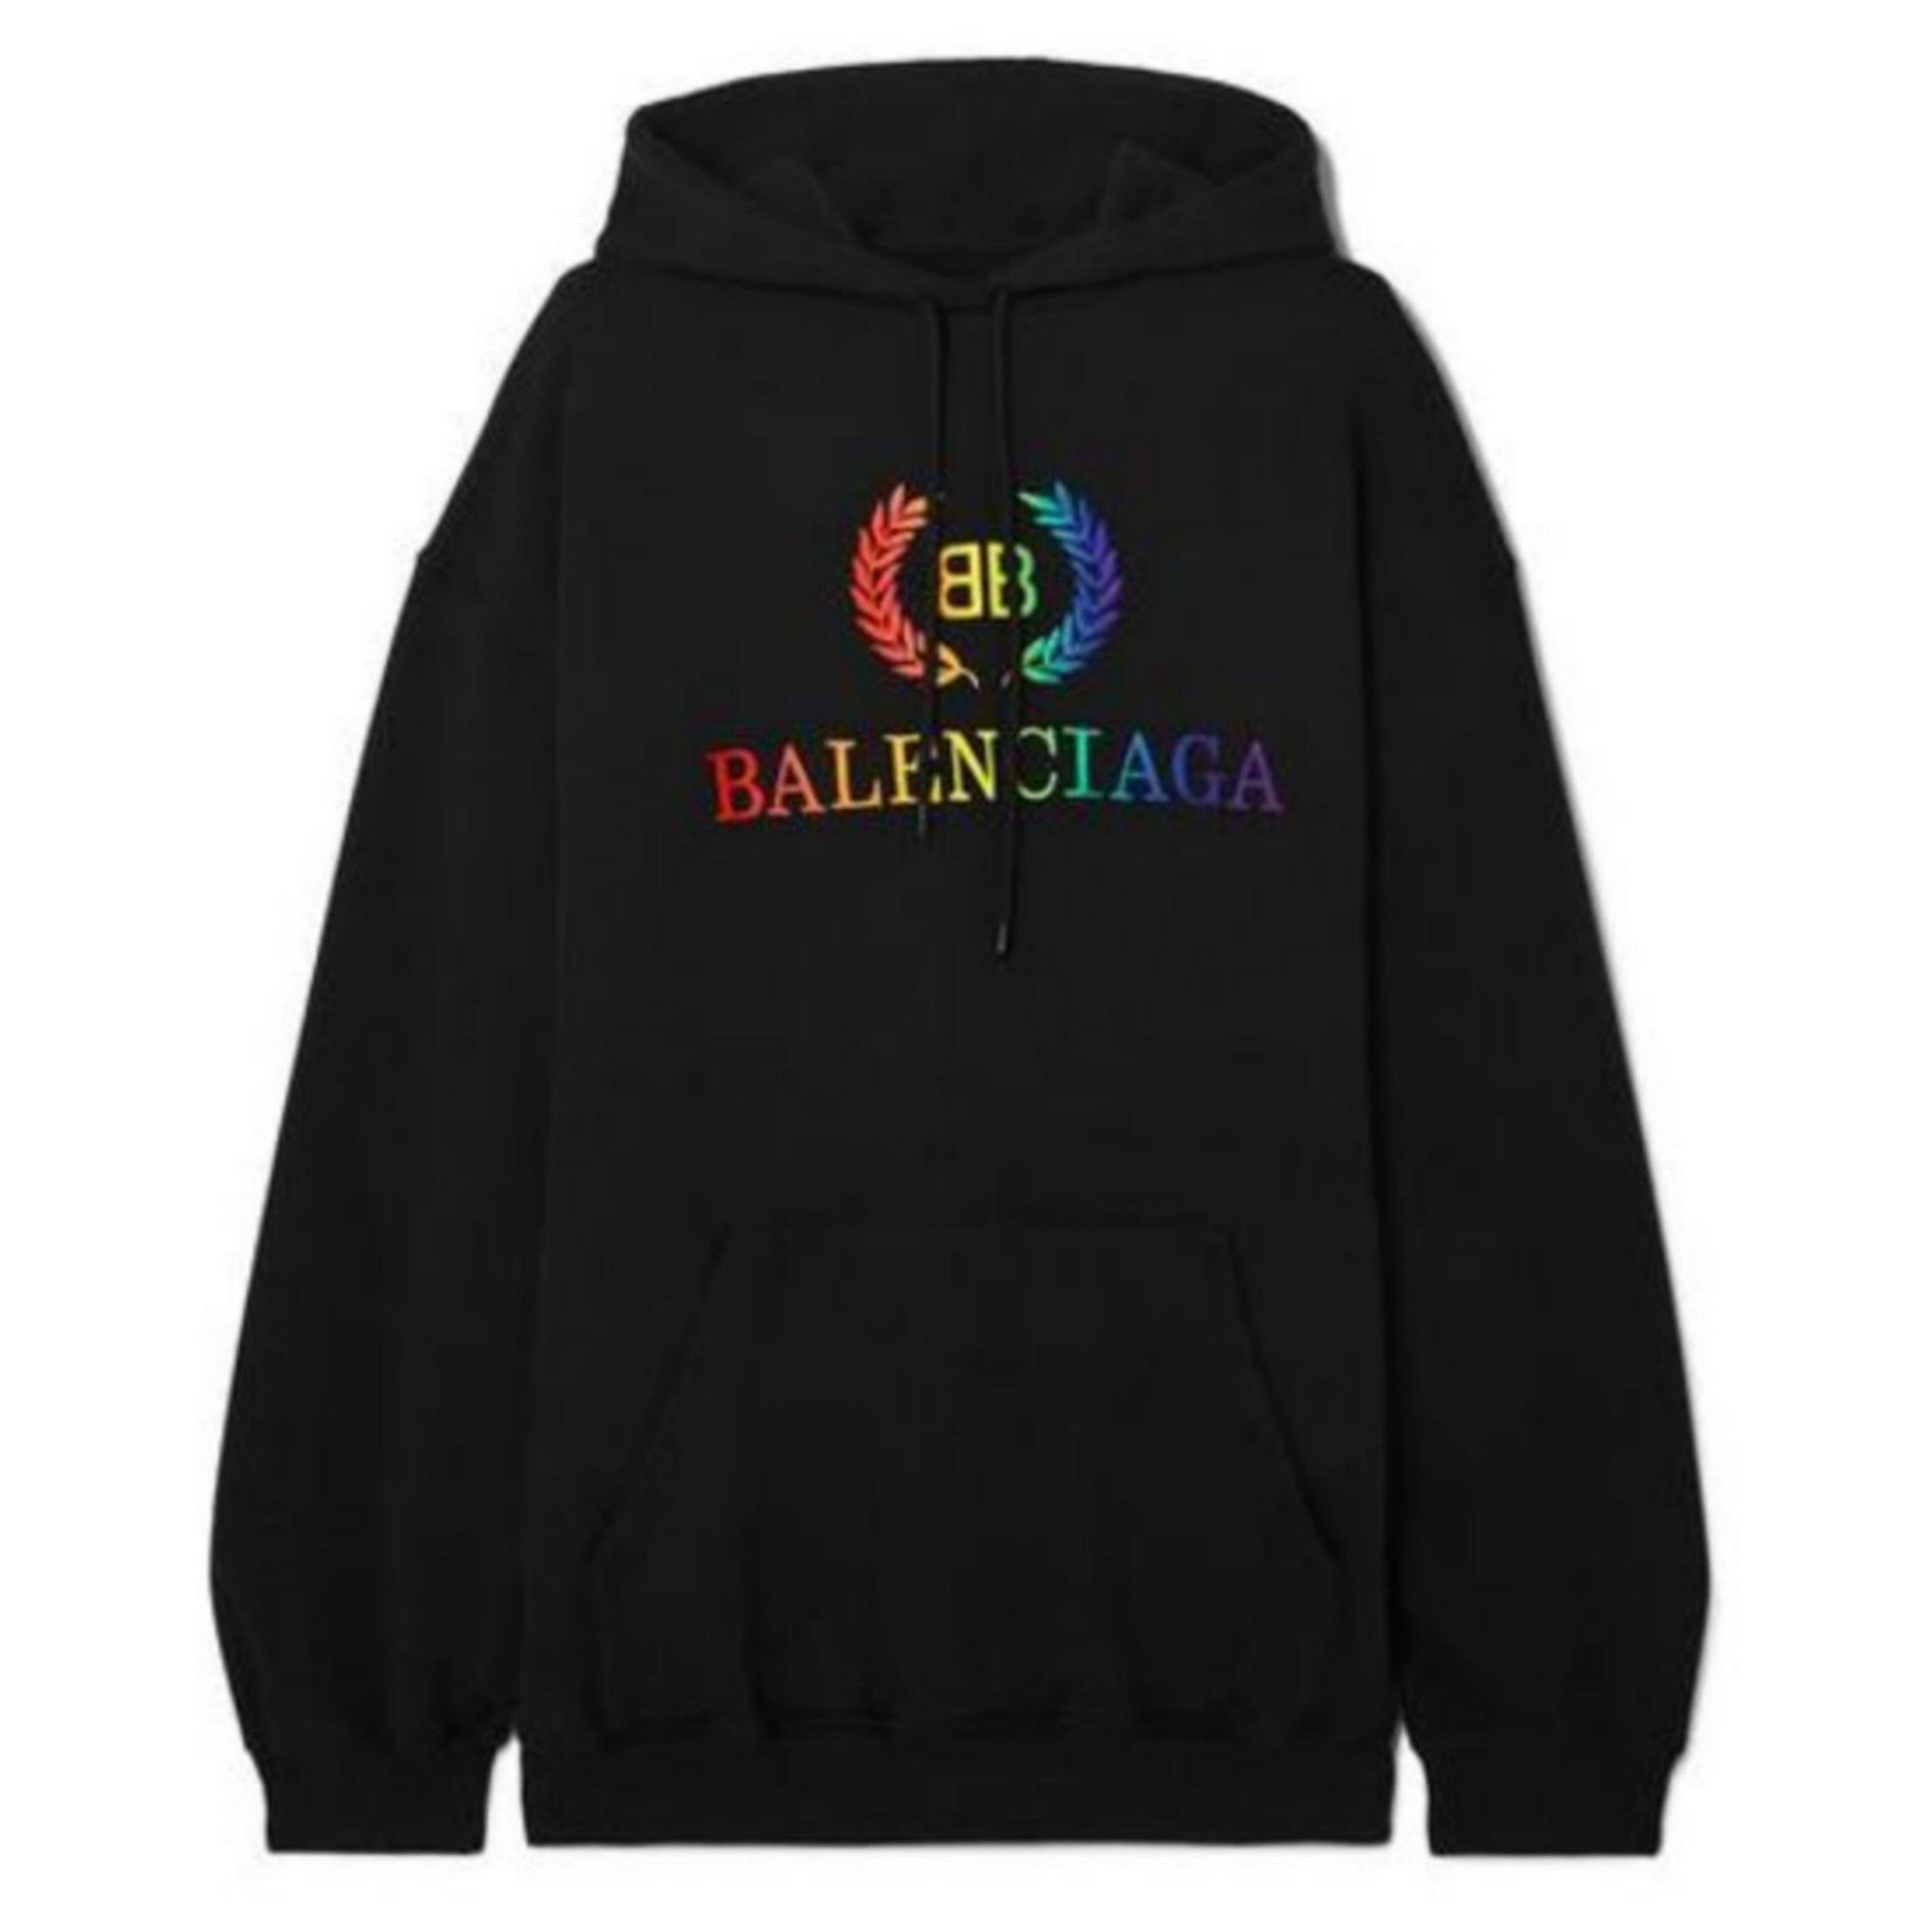 Balenciaga Rainbow Logo Printed Sweatshirt Hoodie Bb31 Hoodies Printed Sweatshirts Sweatshirts Hoodie [ 2289 x 2289 Pixel ]